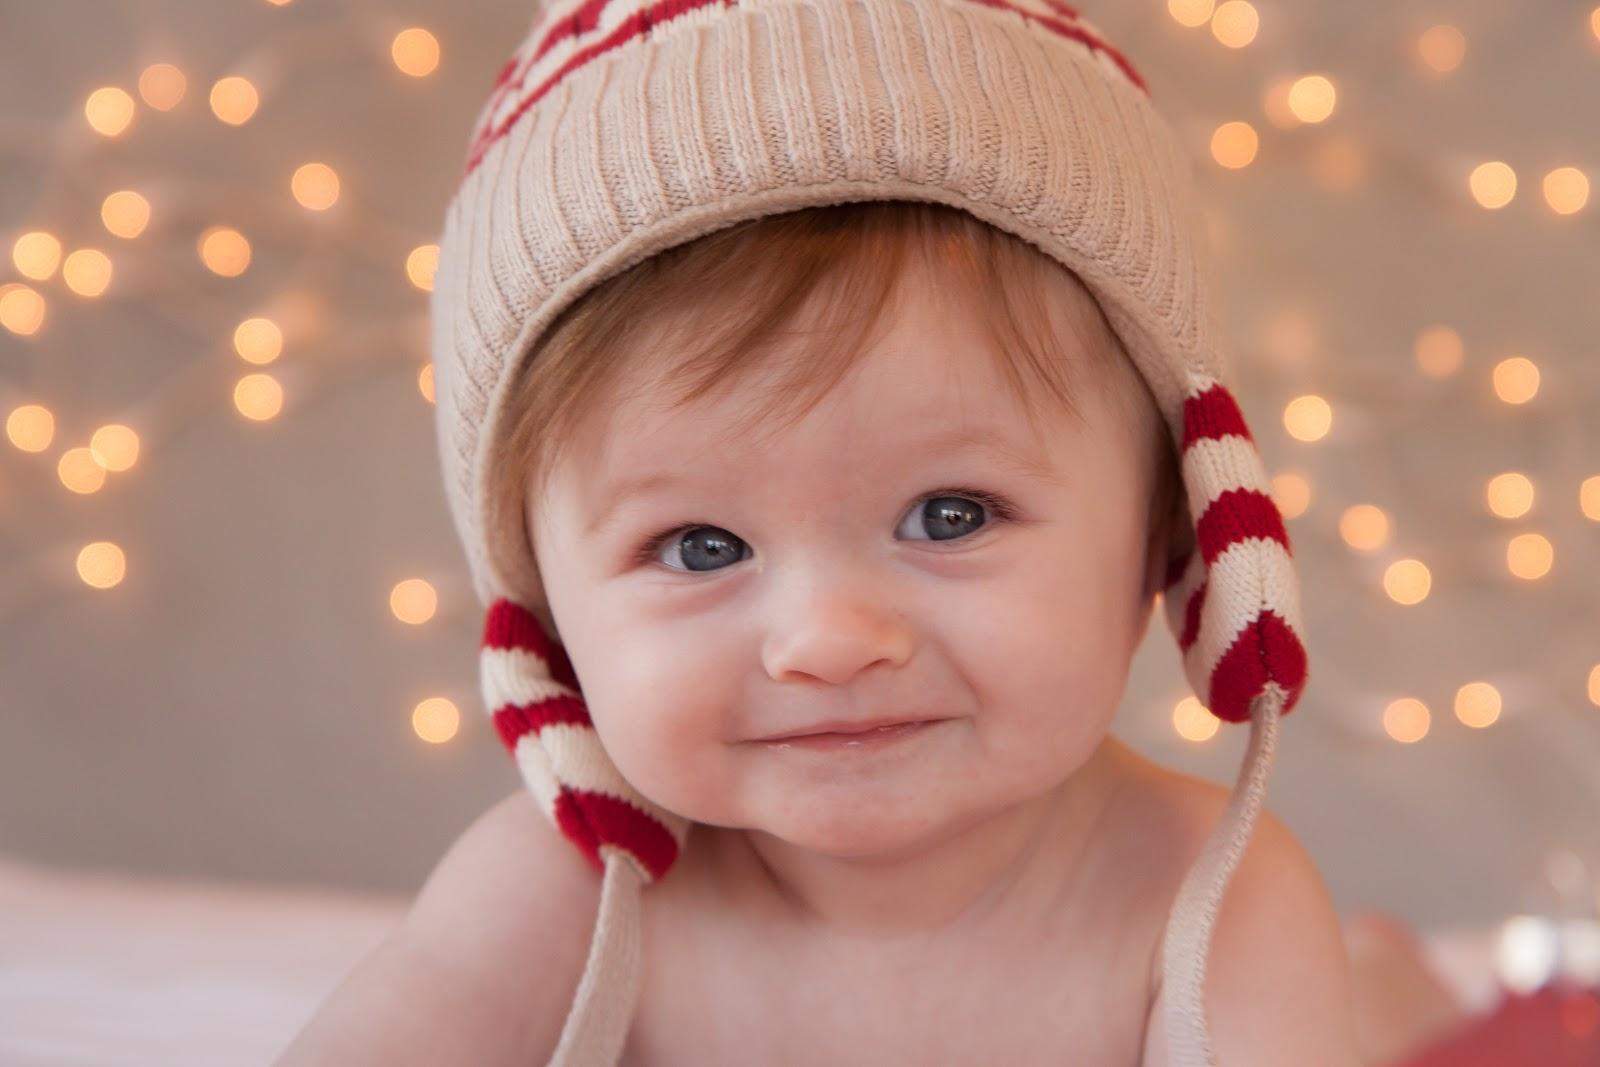 nombres para bebés con sus significados